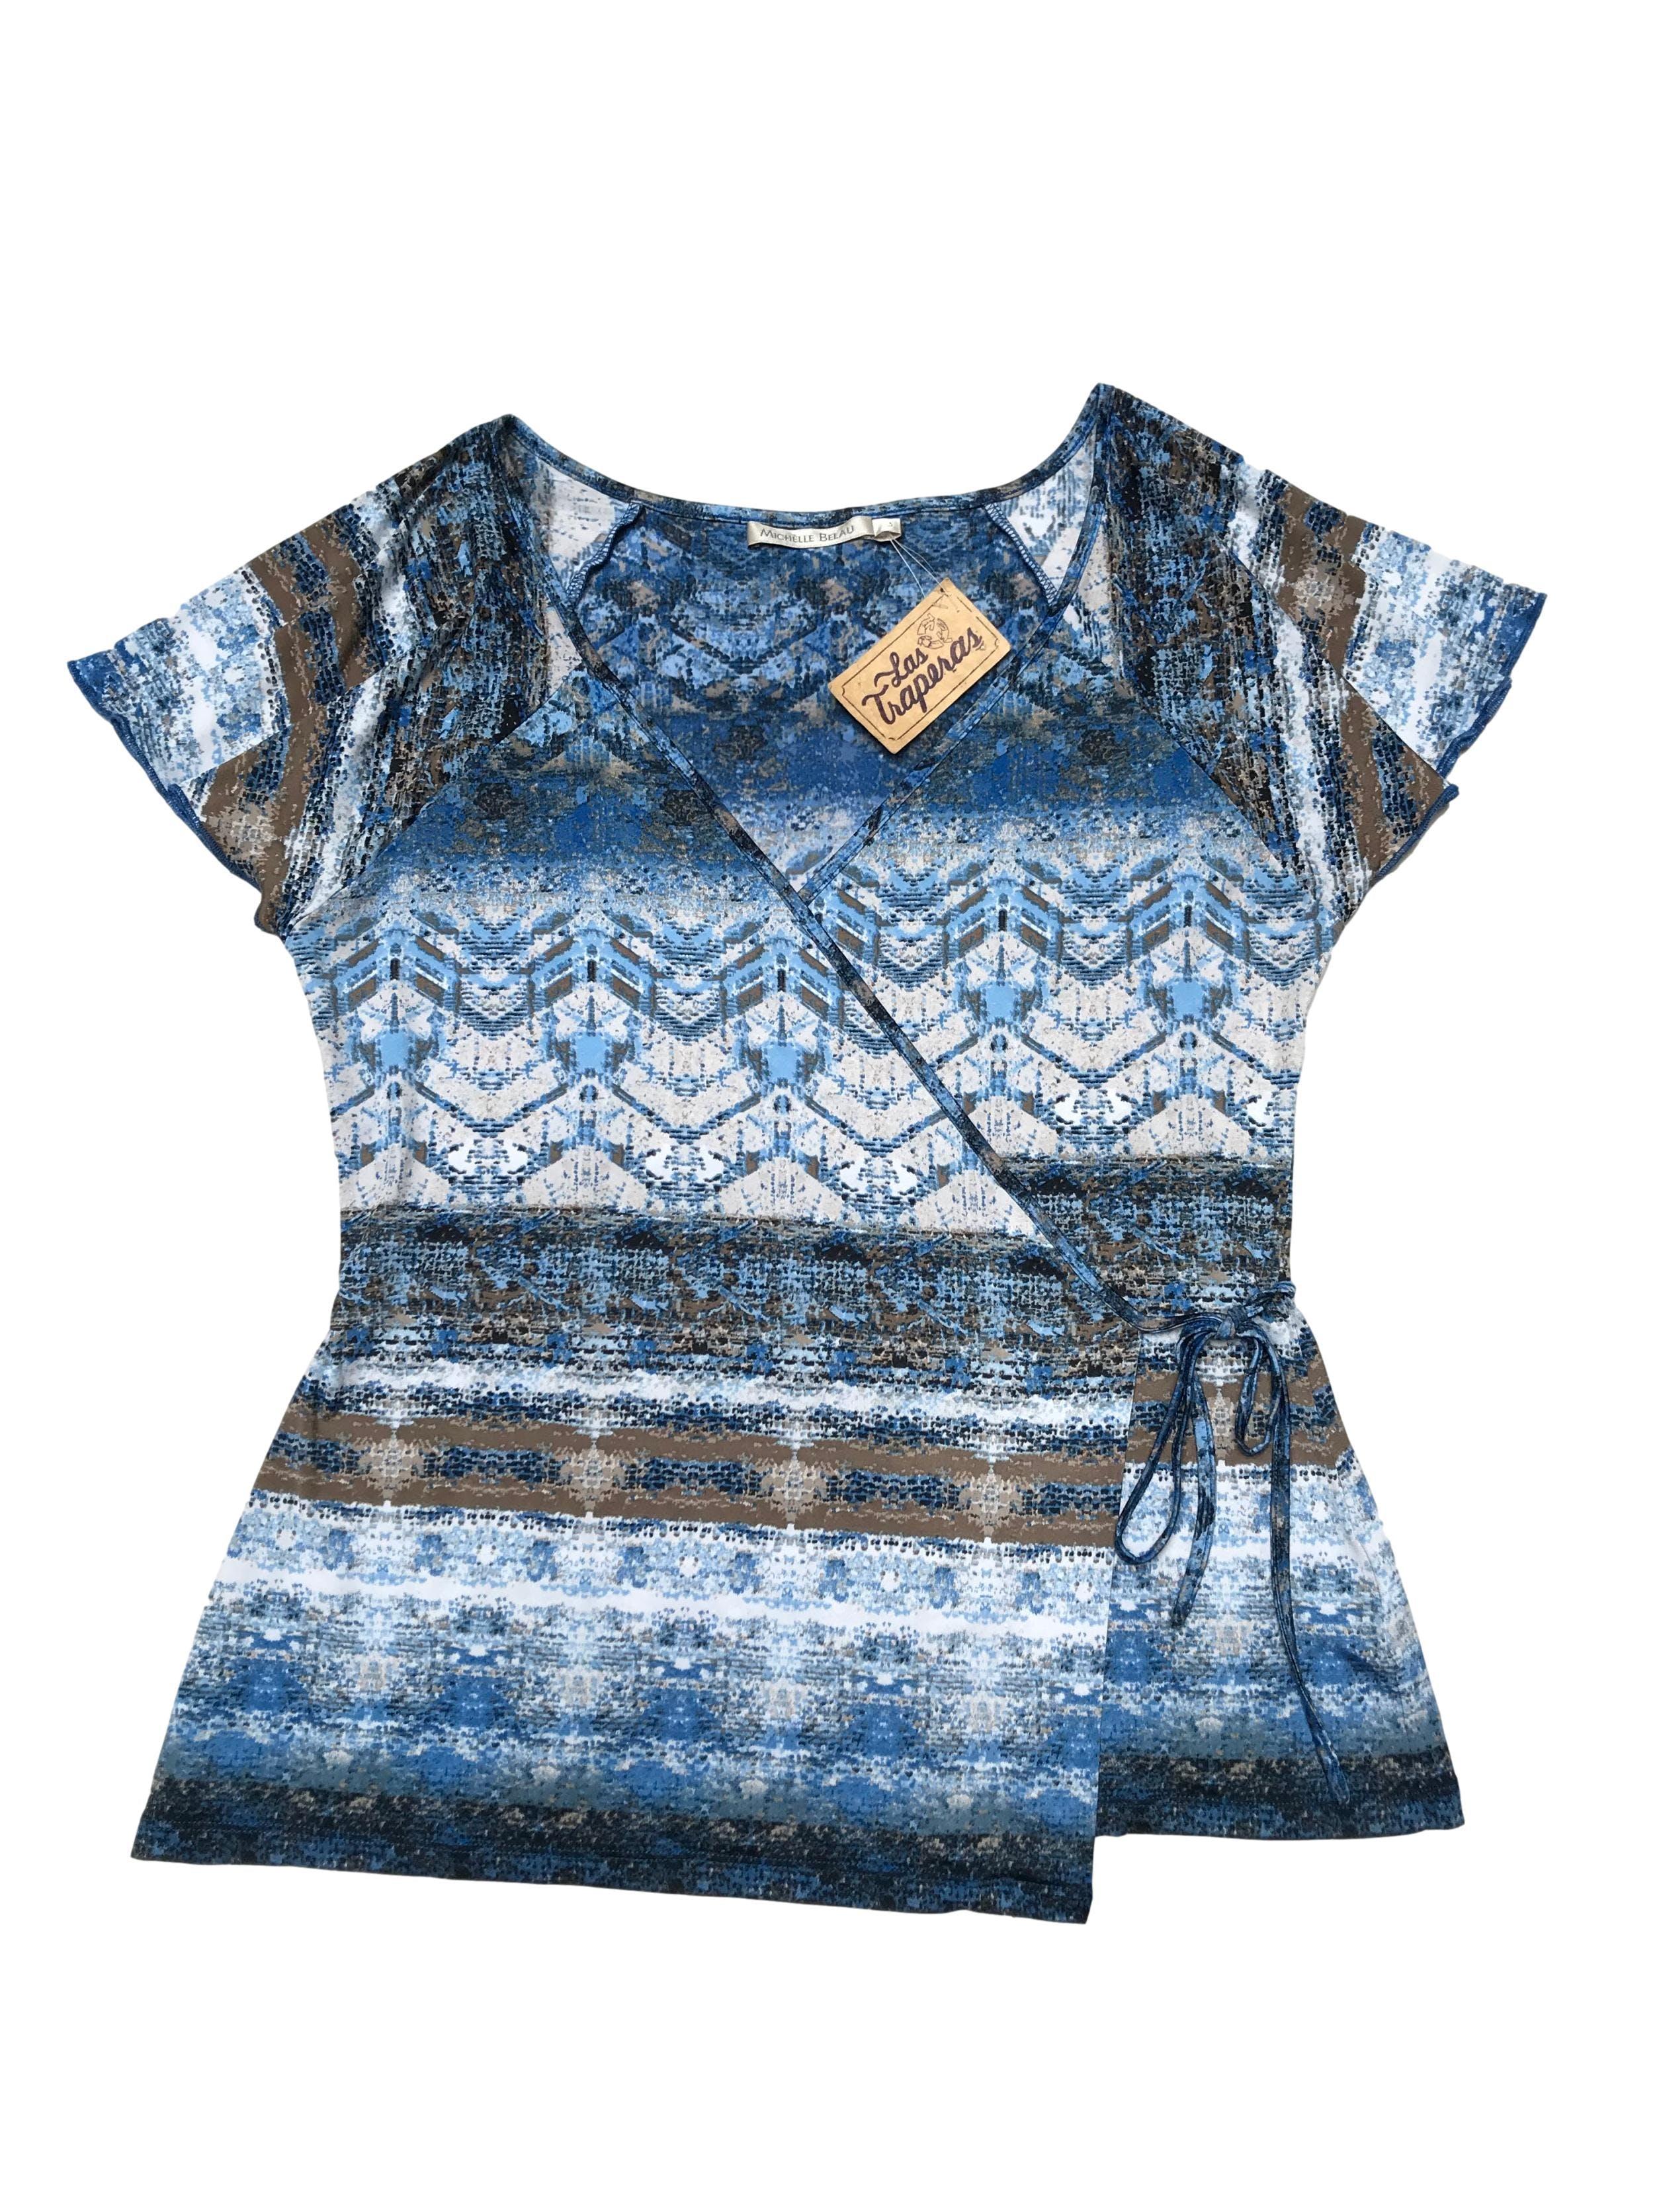 Blusa Michelle Belau envolvente, de tela stretch con estampado azul, blanco y marrón. Precio original S/ 160